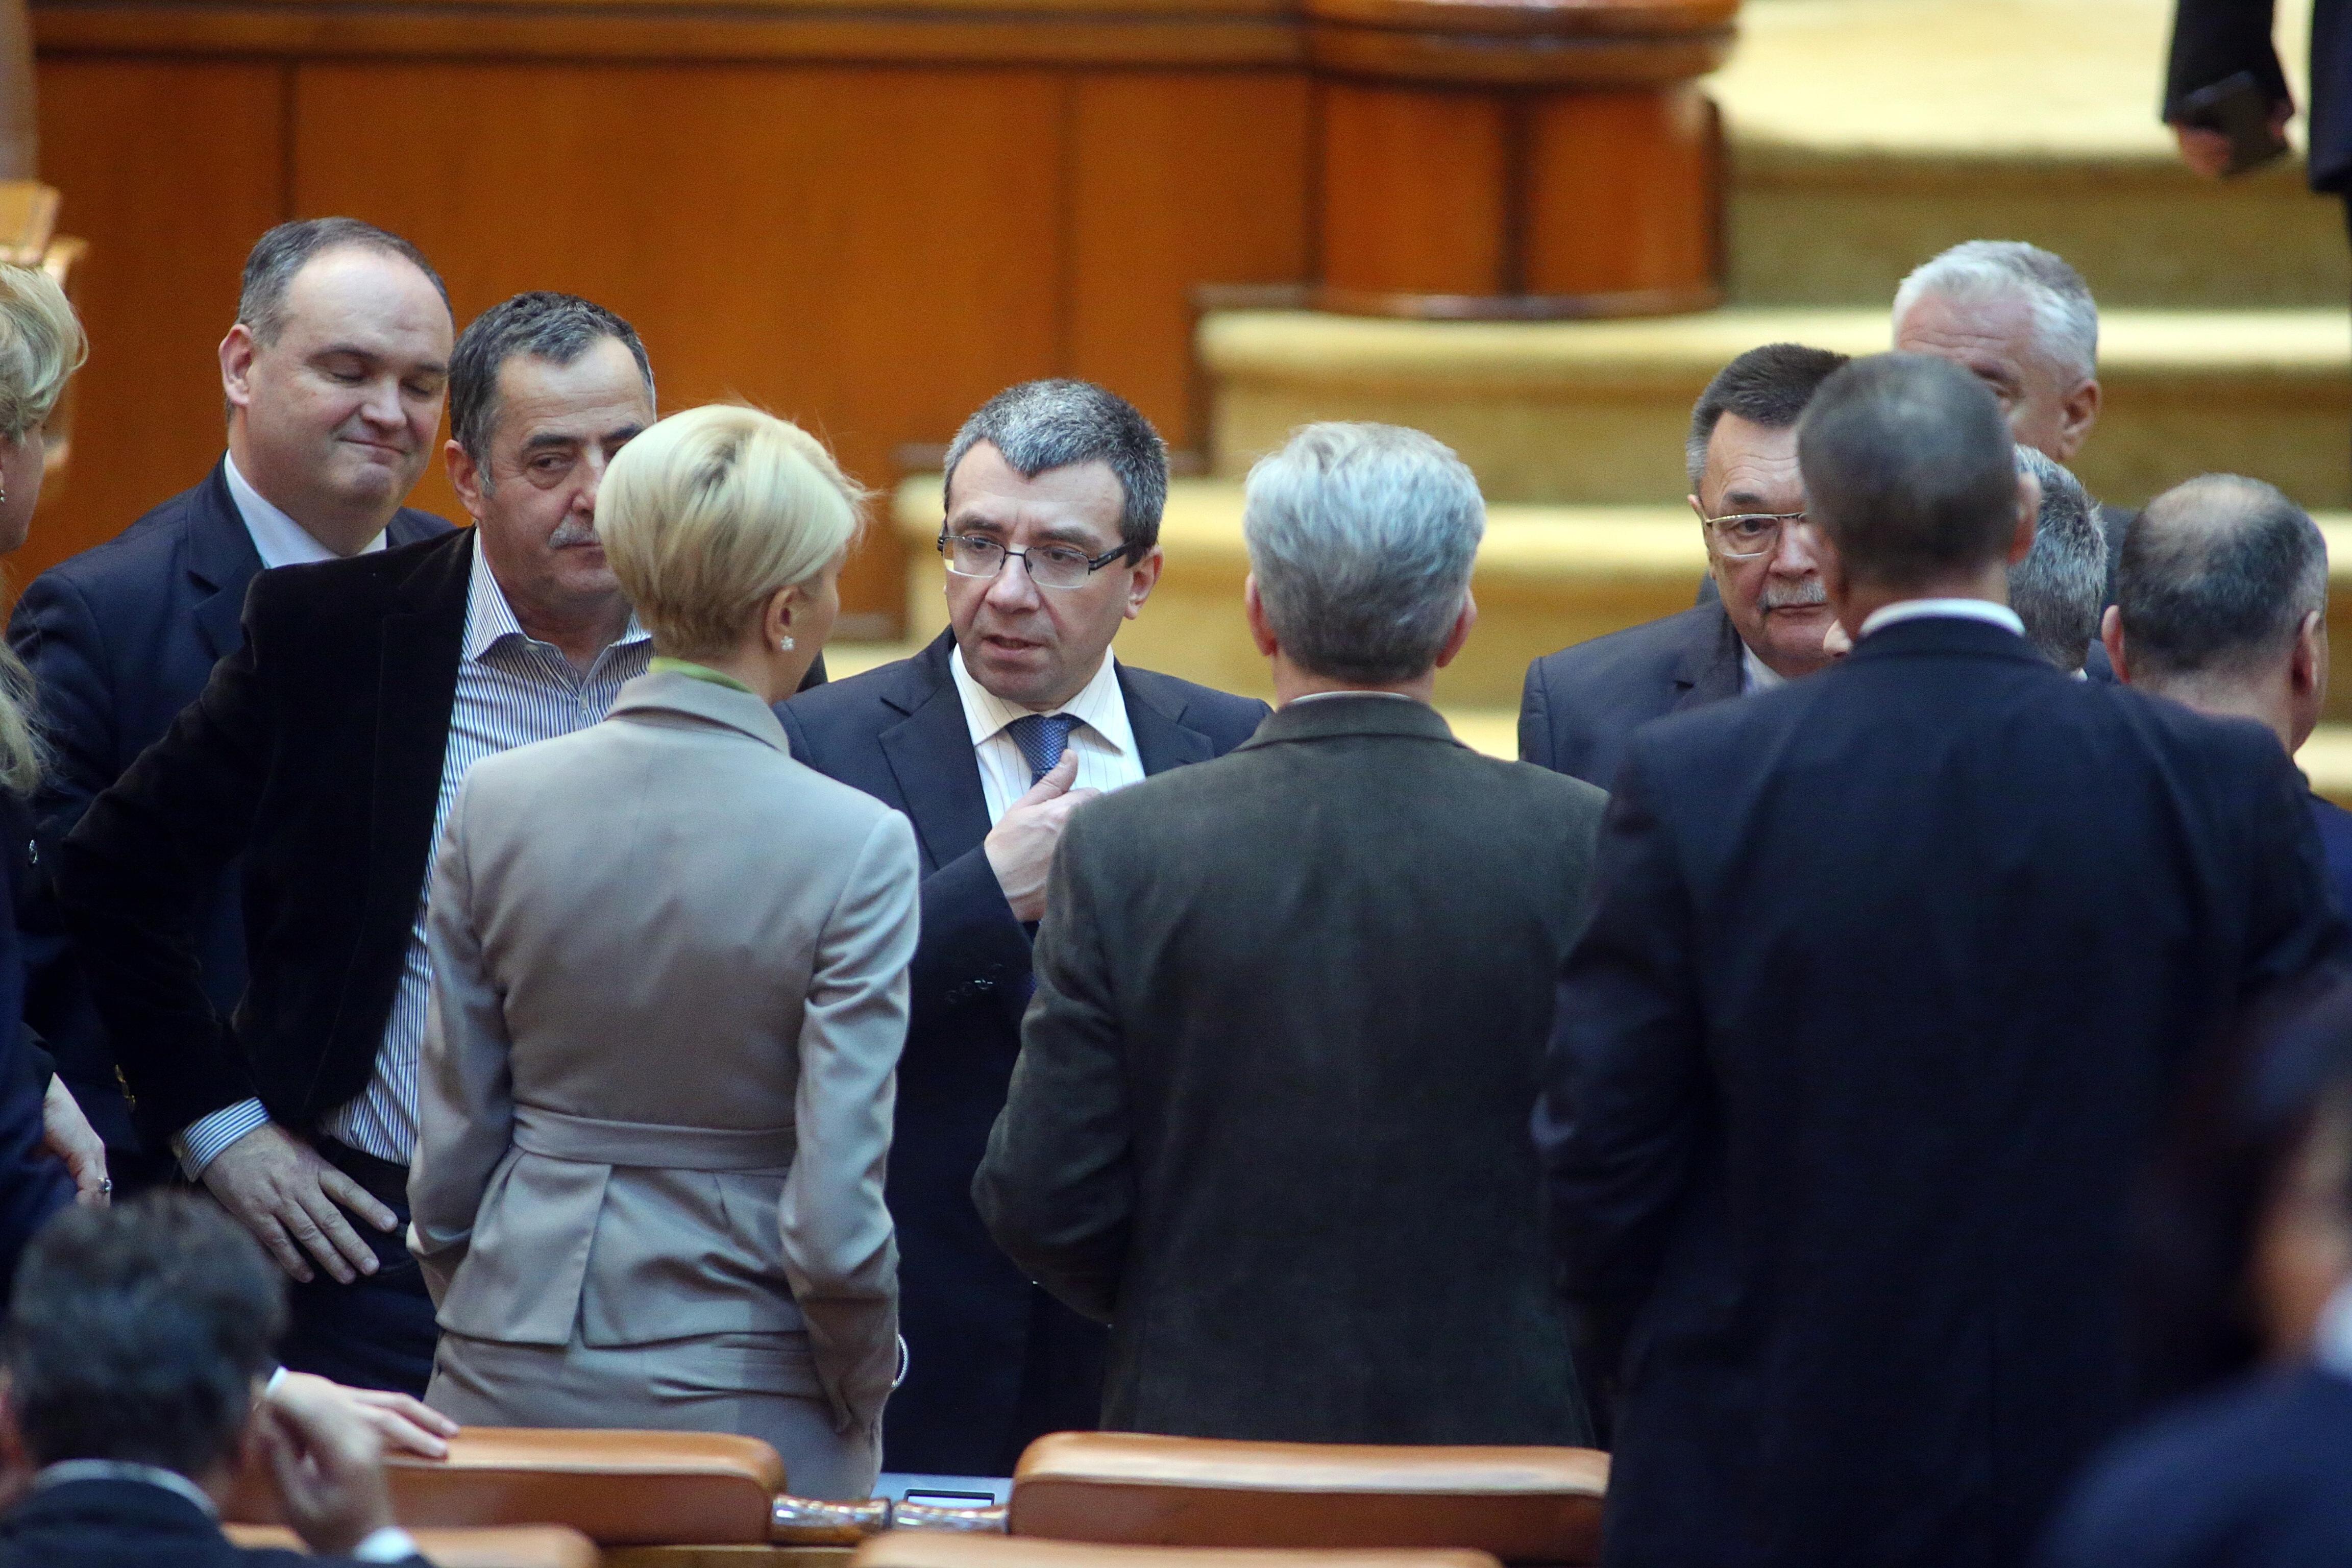 PNL cere sistarea şedinţei de plen a Camerei pentru a nu crea tensiuni după decesul regelui Mihai. Opoziţia încearcă să blocheze în plen dezbaterea unor legi importante